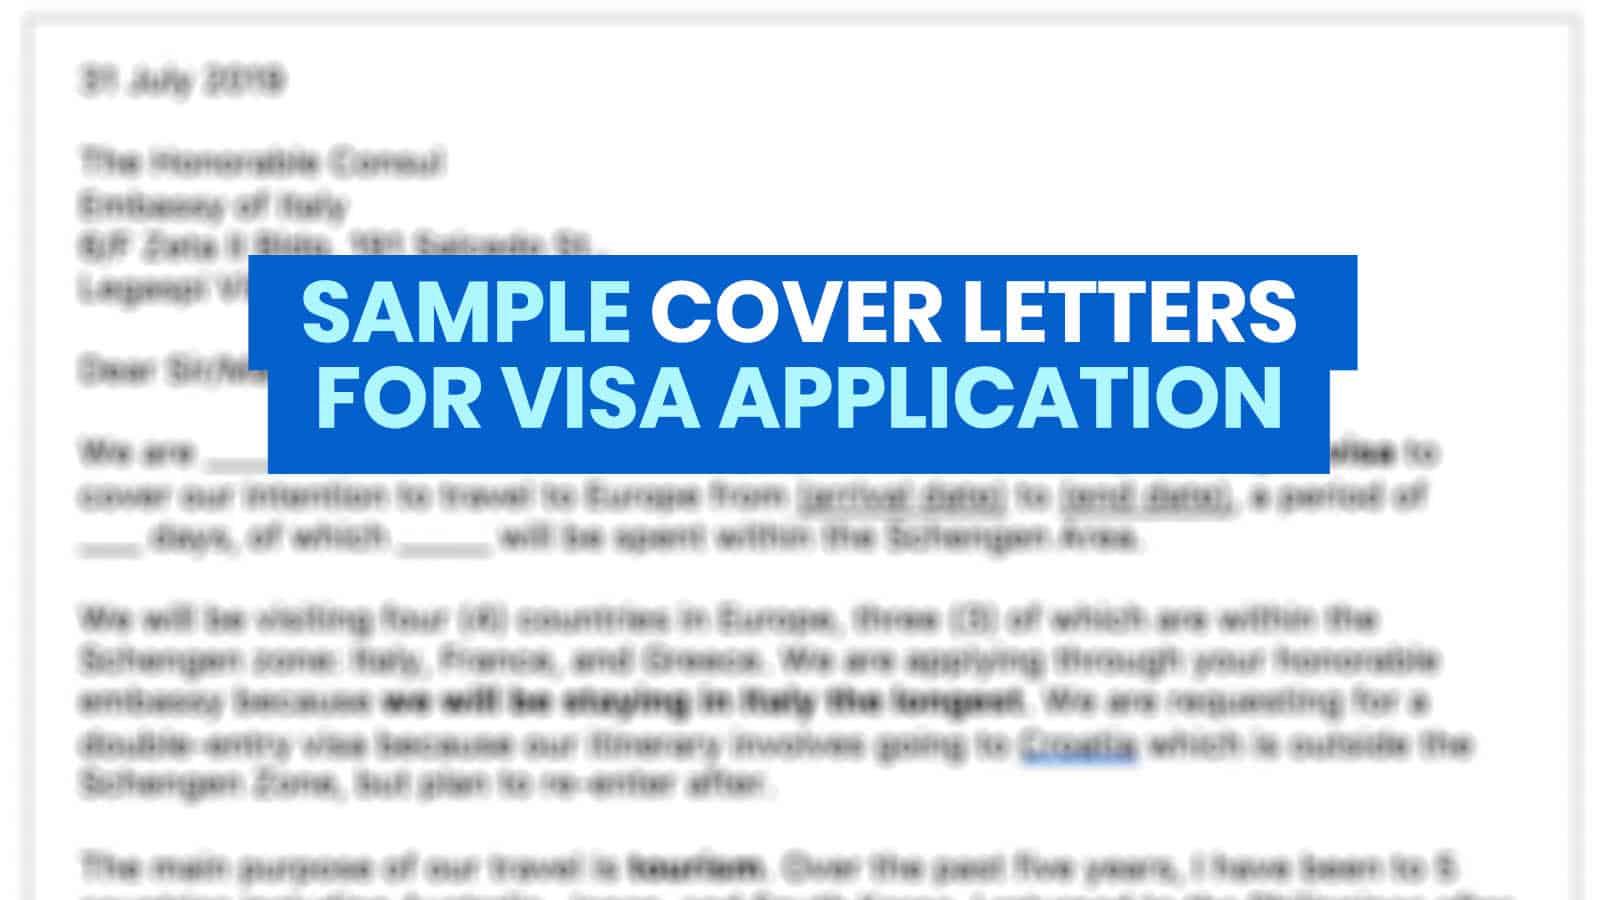 申请签证的附信样本:韩国、申根、澳大利亚   穷游者的行程博客